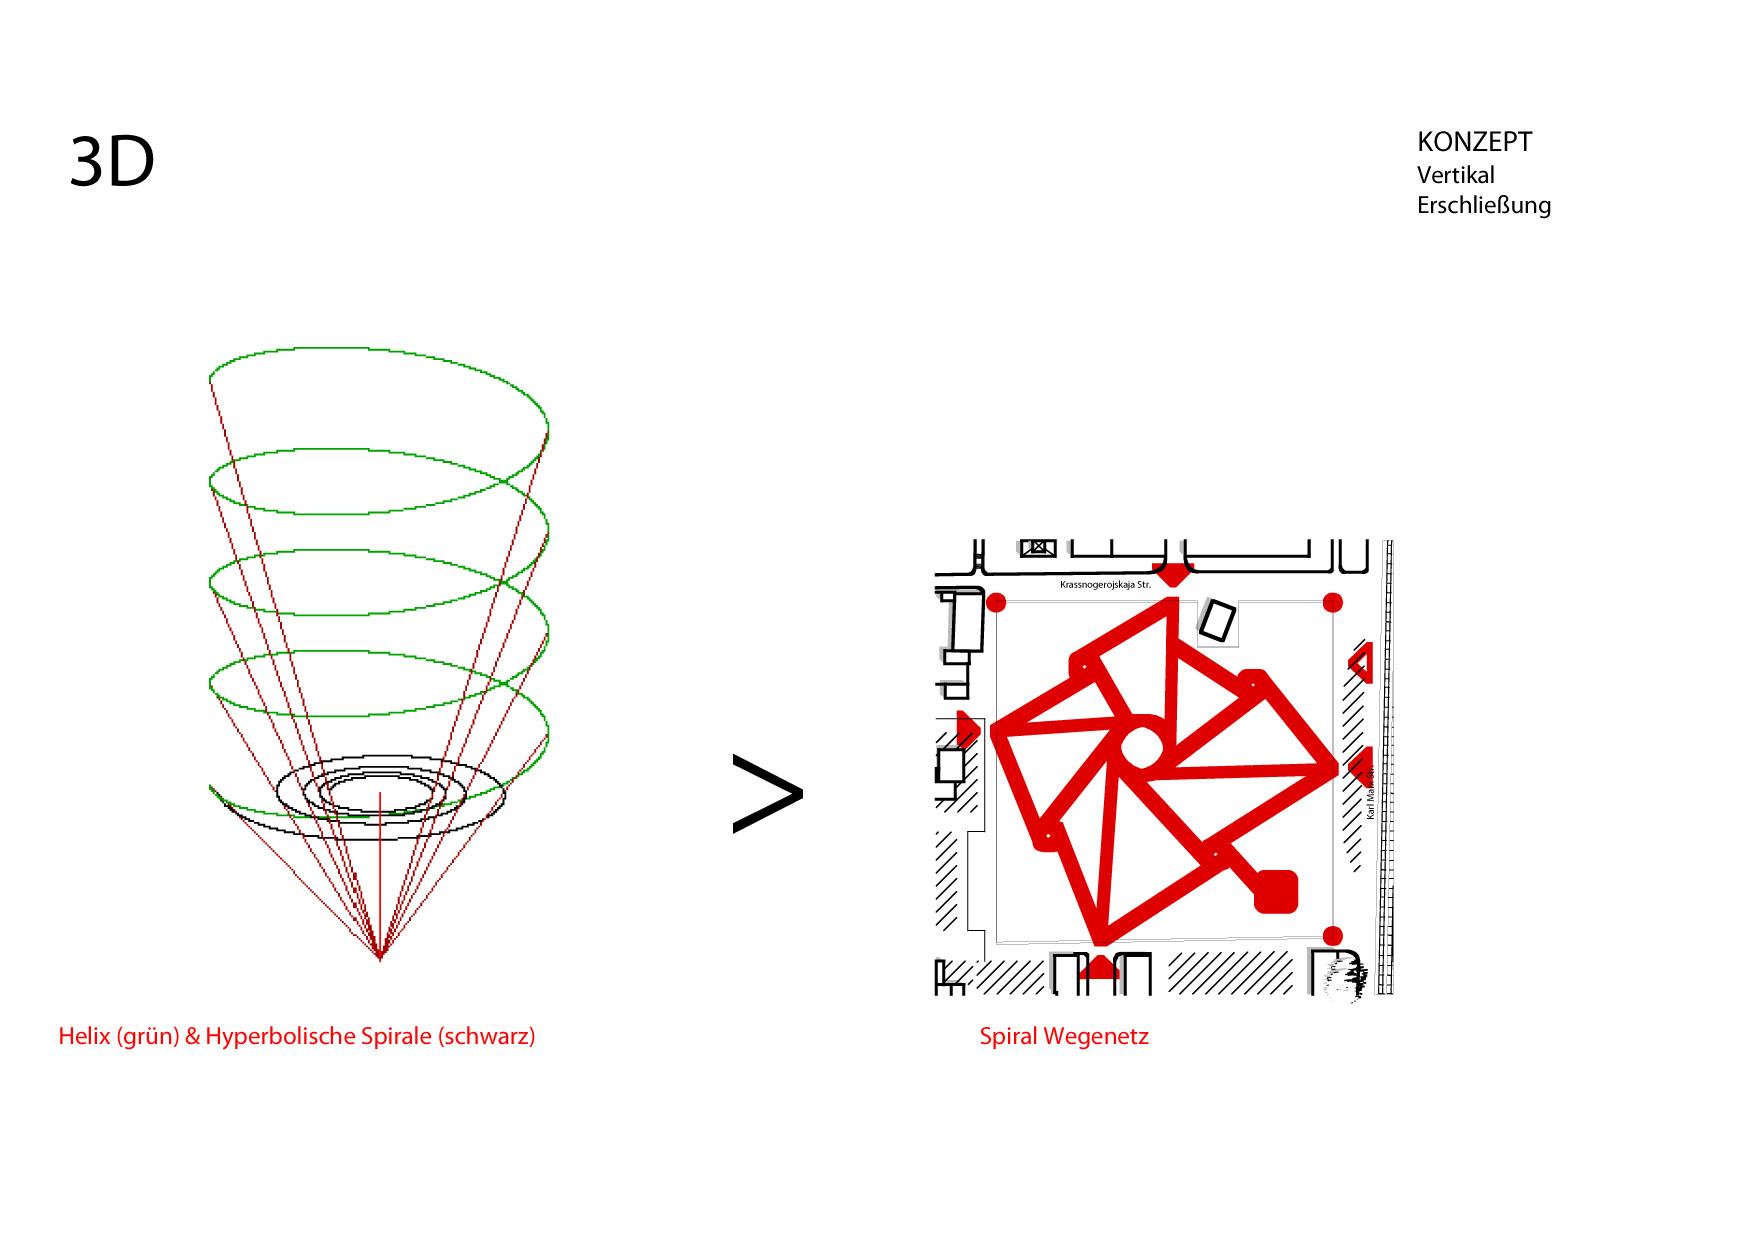 roterKristall-konzept4.jpg